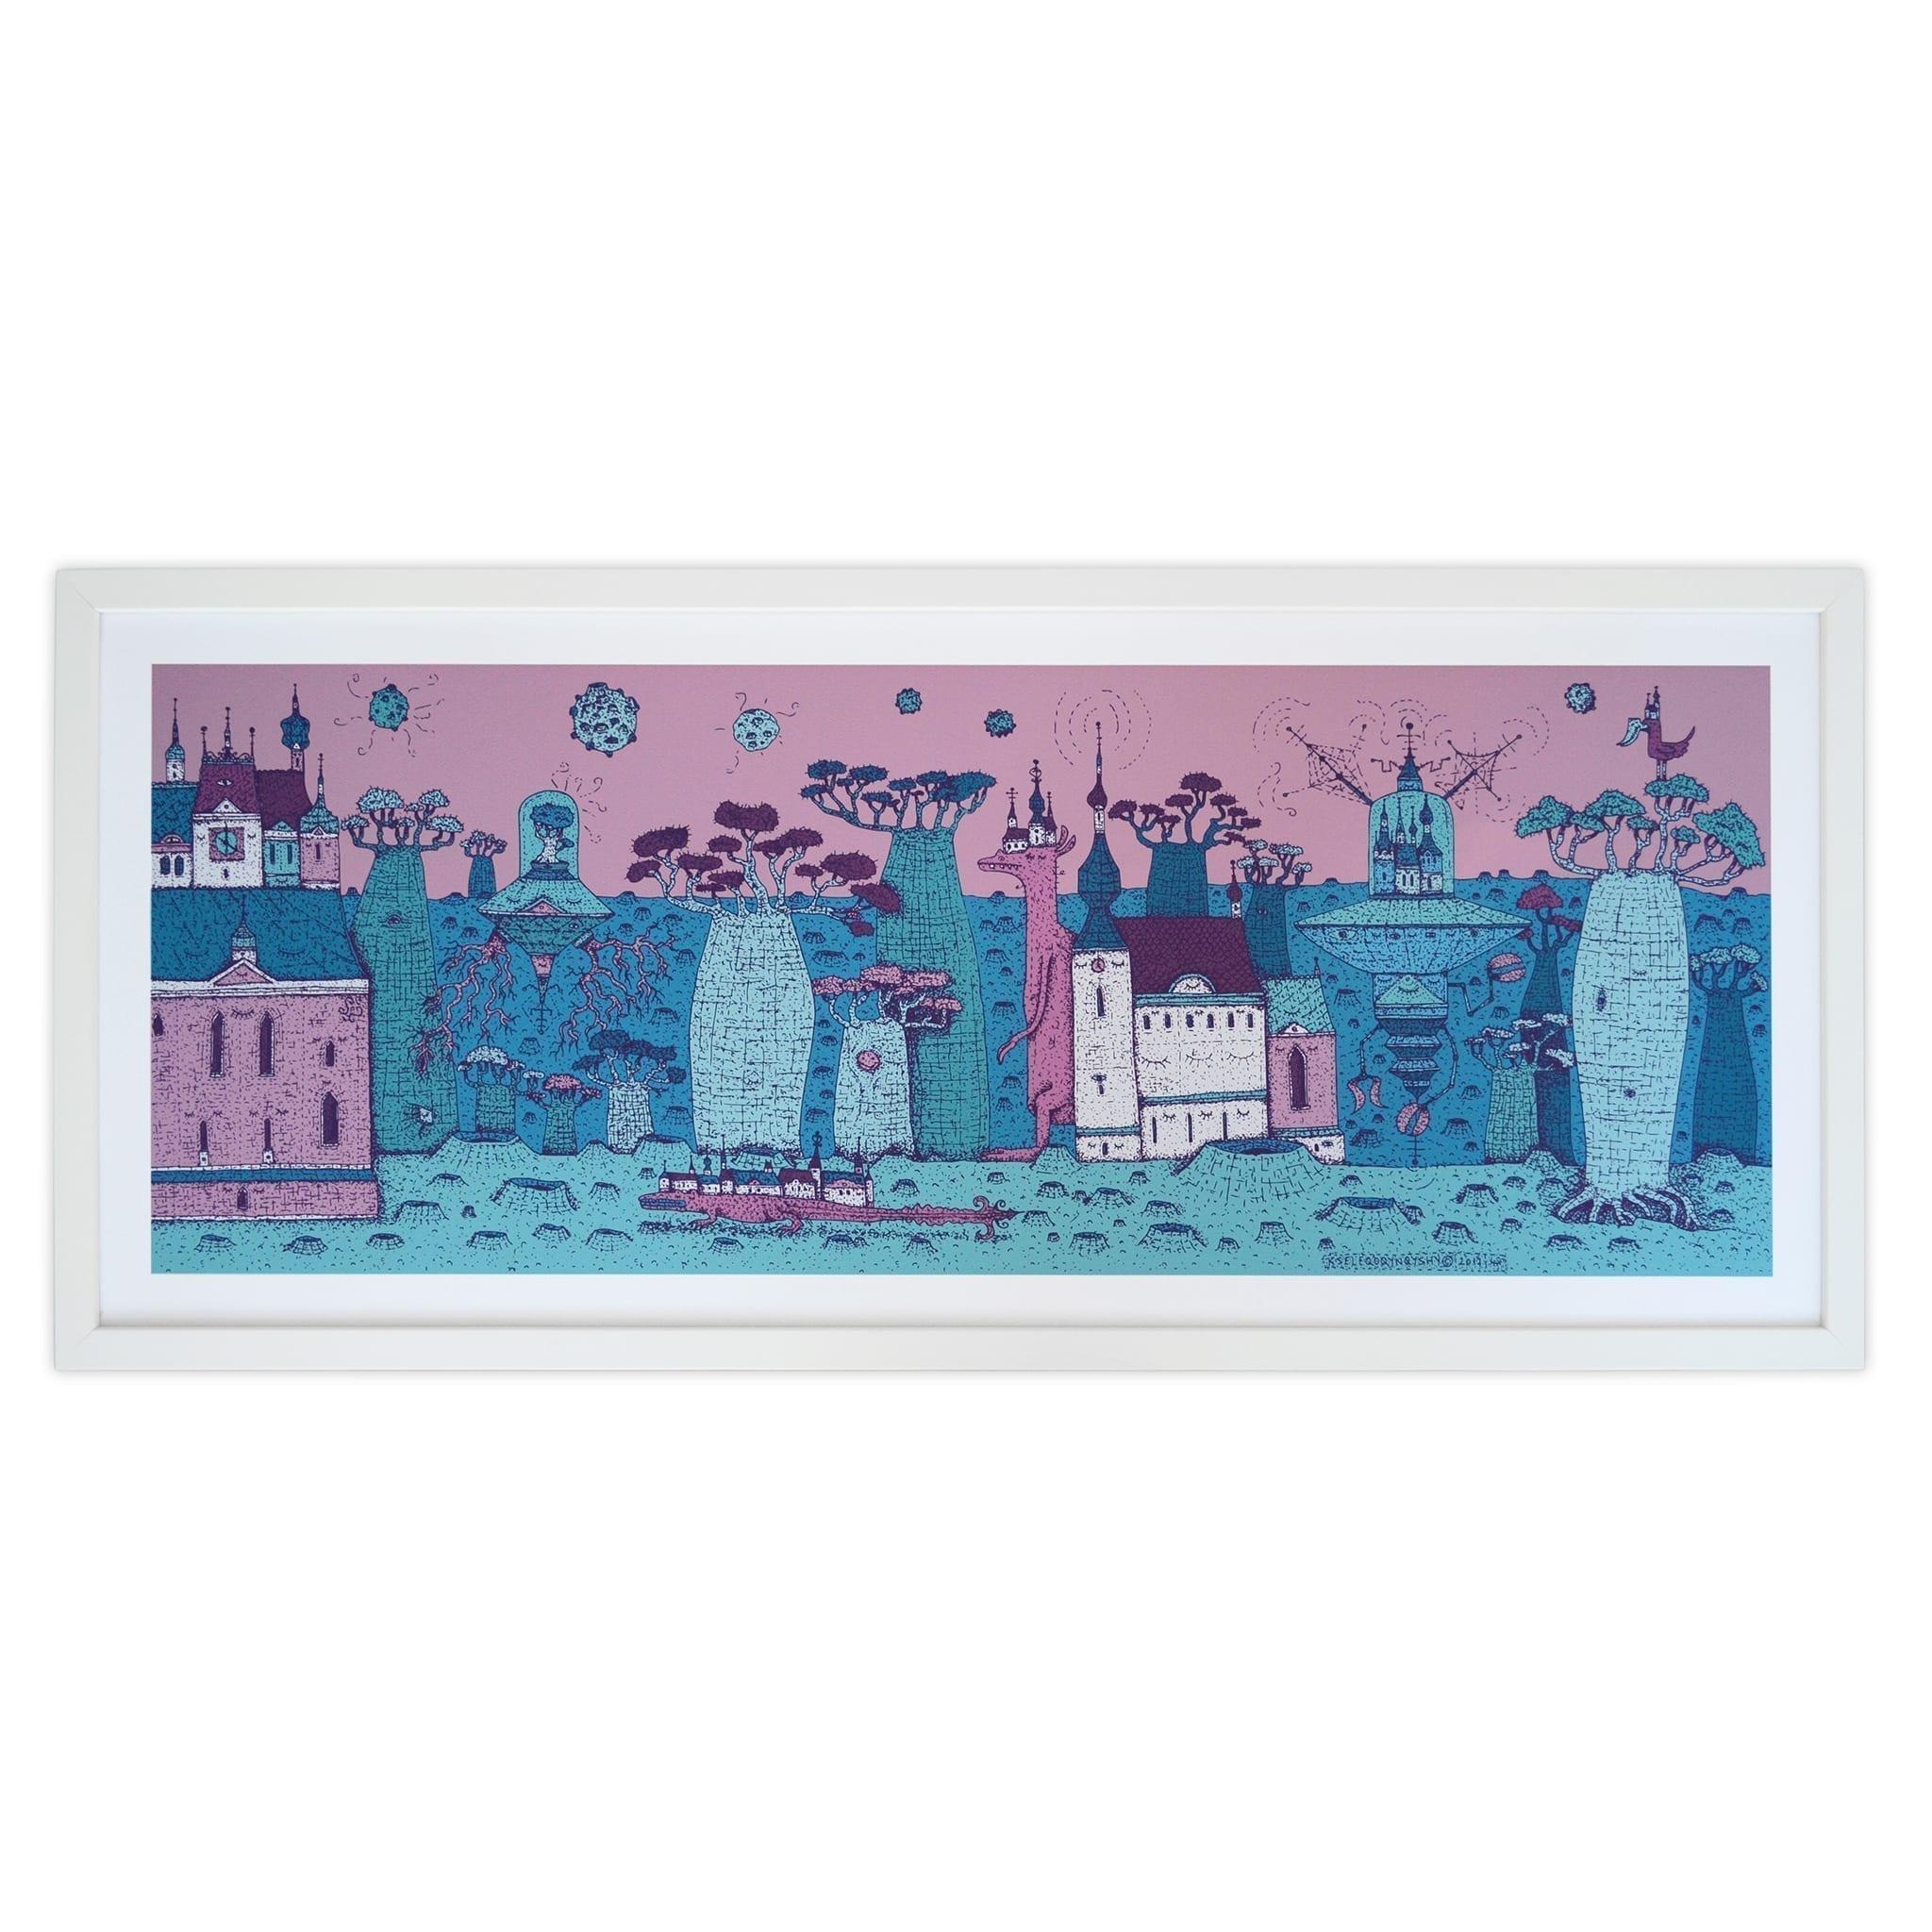 KSELEQOQYNQYSHY A glimpse of Socotra art print